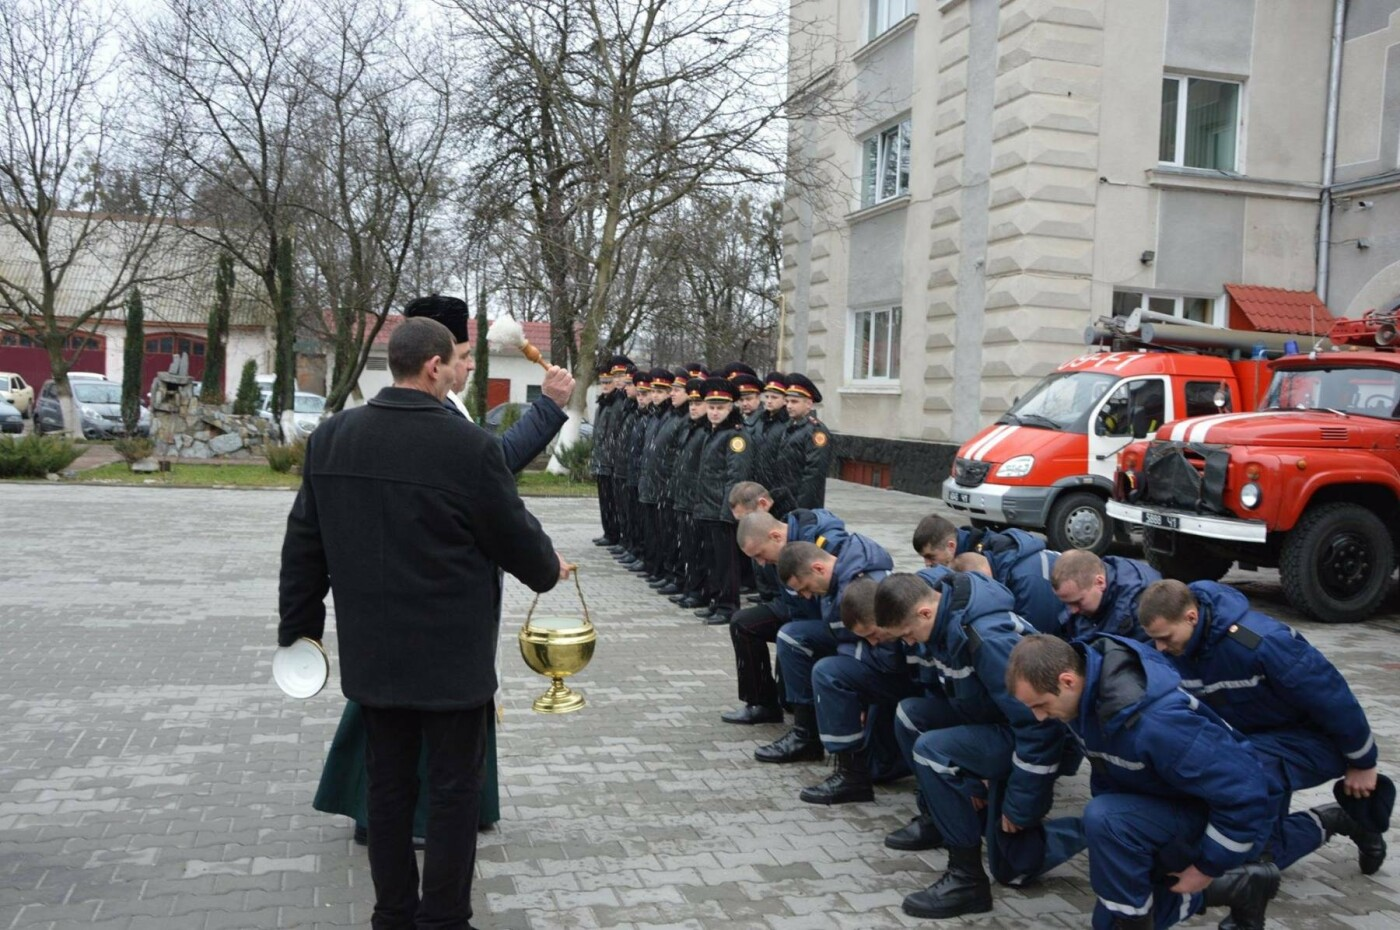 Майбутні спецрятувальники склали присягу на вірність народові України. ФОТО, фото-3